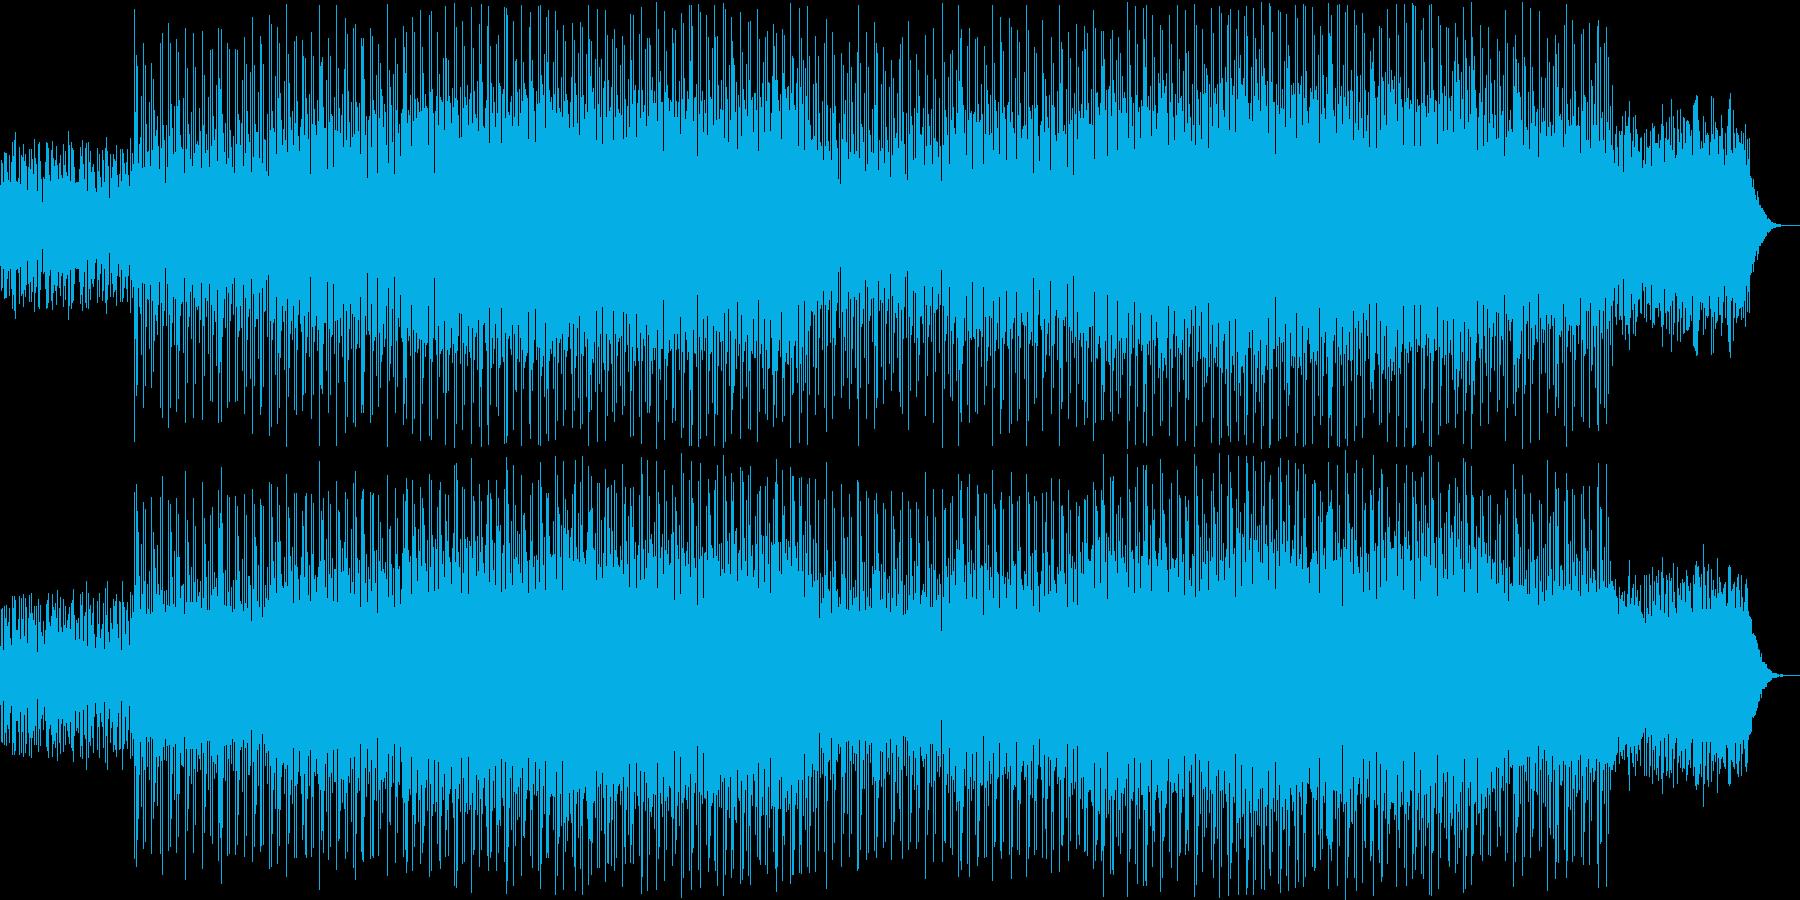 ニュース映像ナレーションバック向け-01の再生済みの波形